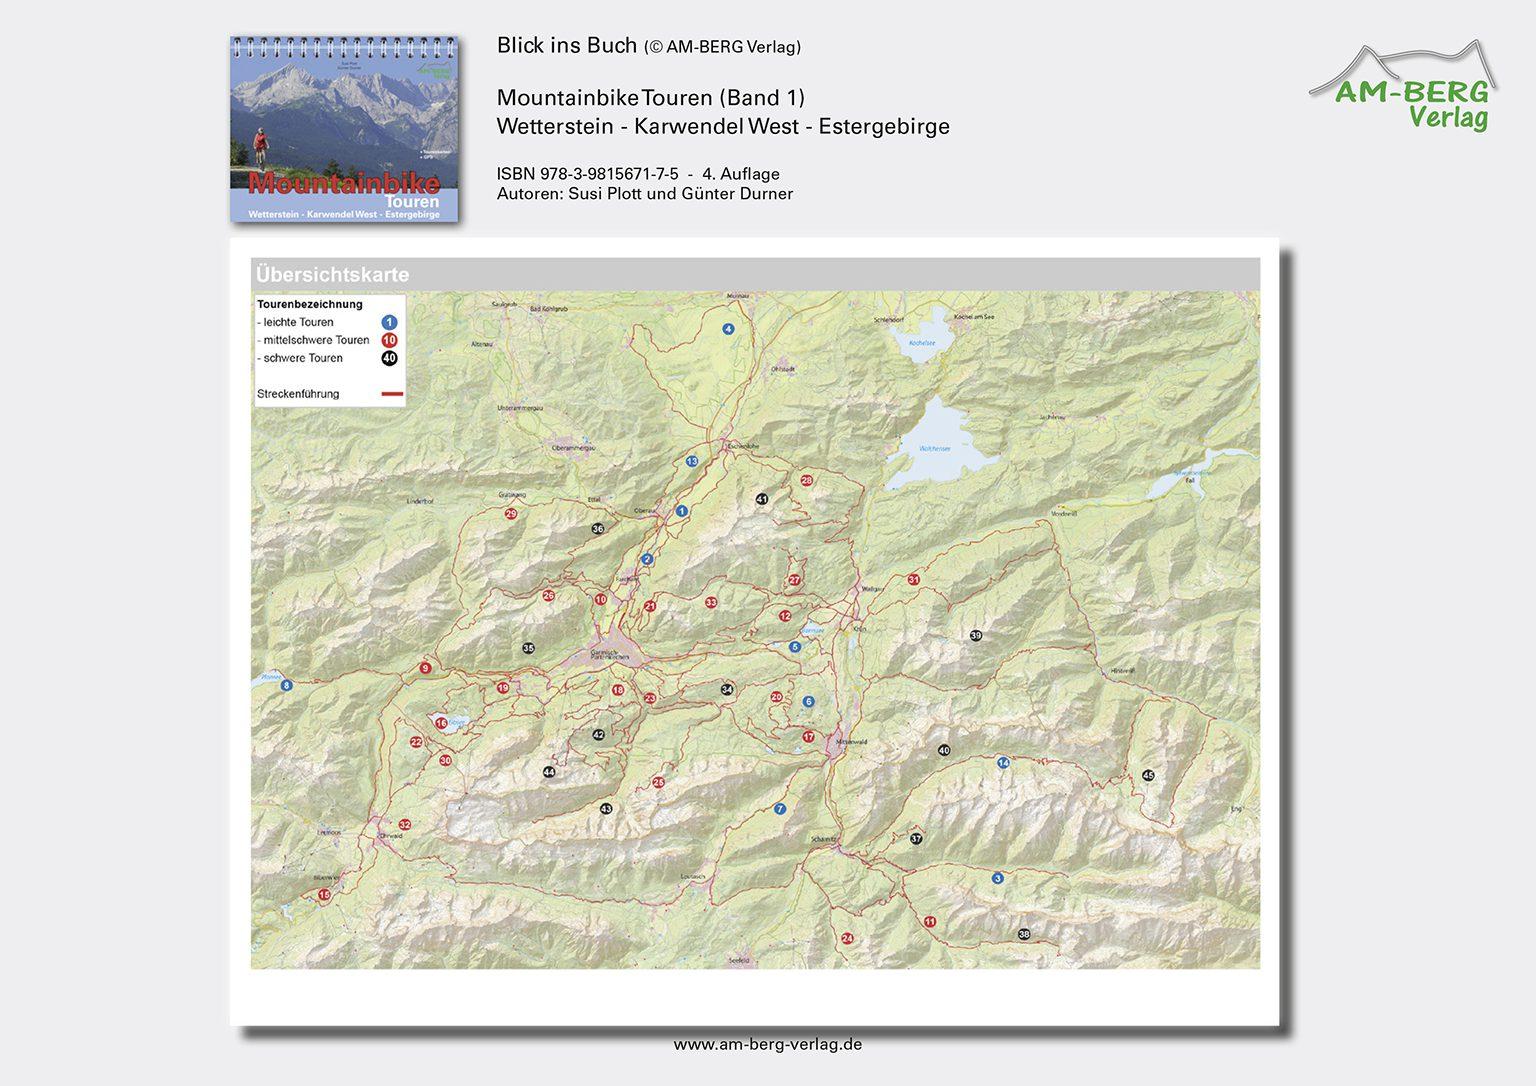 Mountainbike Touren Wetterstein-Karwendel-West-Estergebirge_band1_BlickinsBuch02